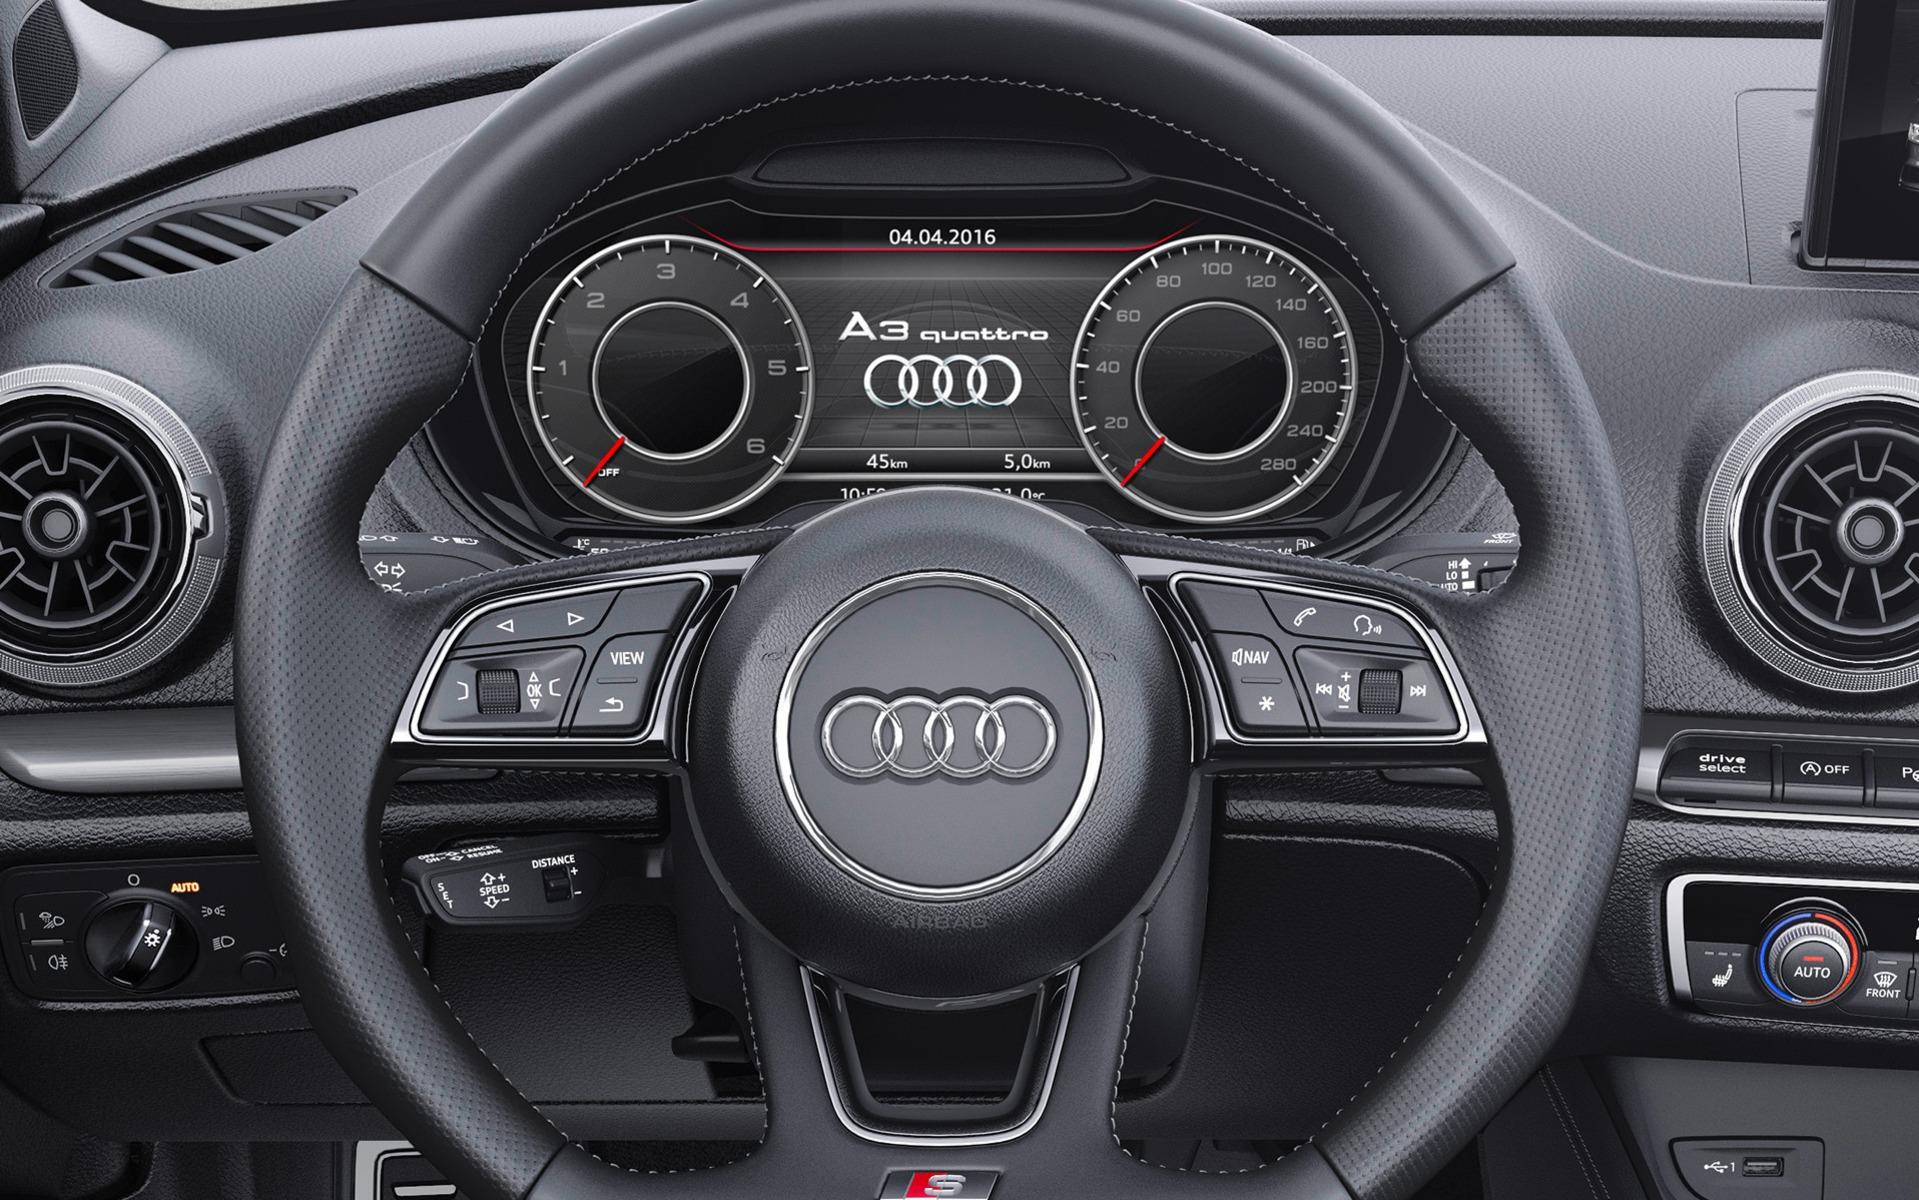 Un autre affichage du Audi virtual cockpit